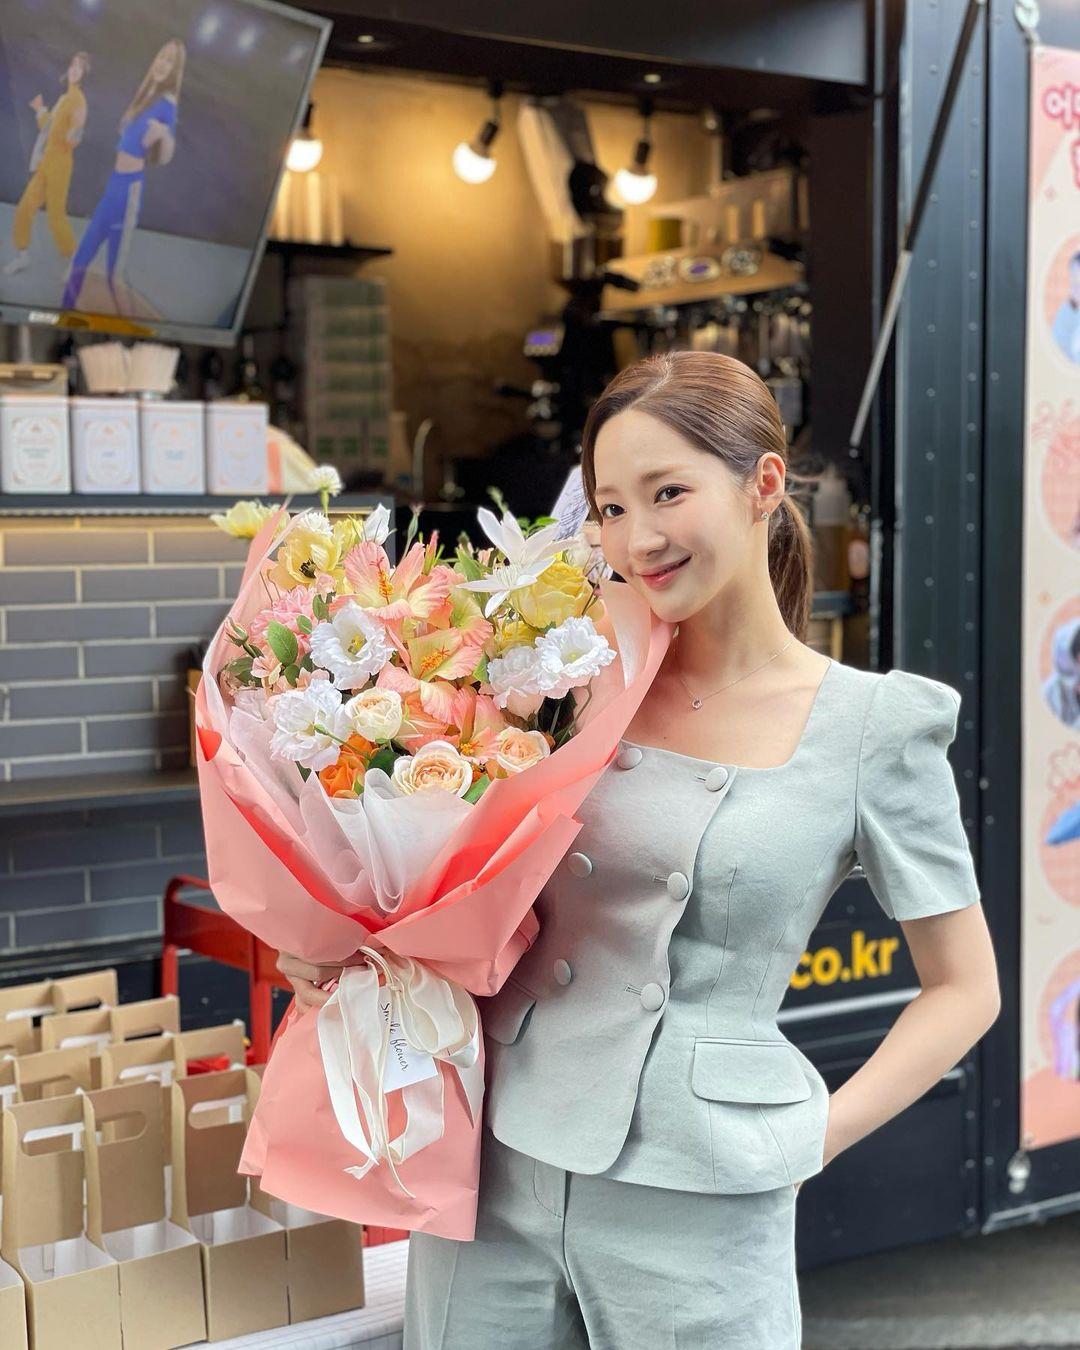 4 xu hướng nhuộm tóc mùa thu của sao Hàn: Toàn màu tôn da, thanh lịch hợp công sở - Ảnh 12